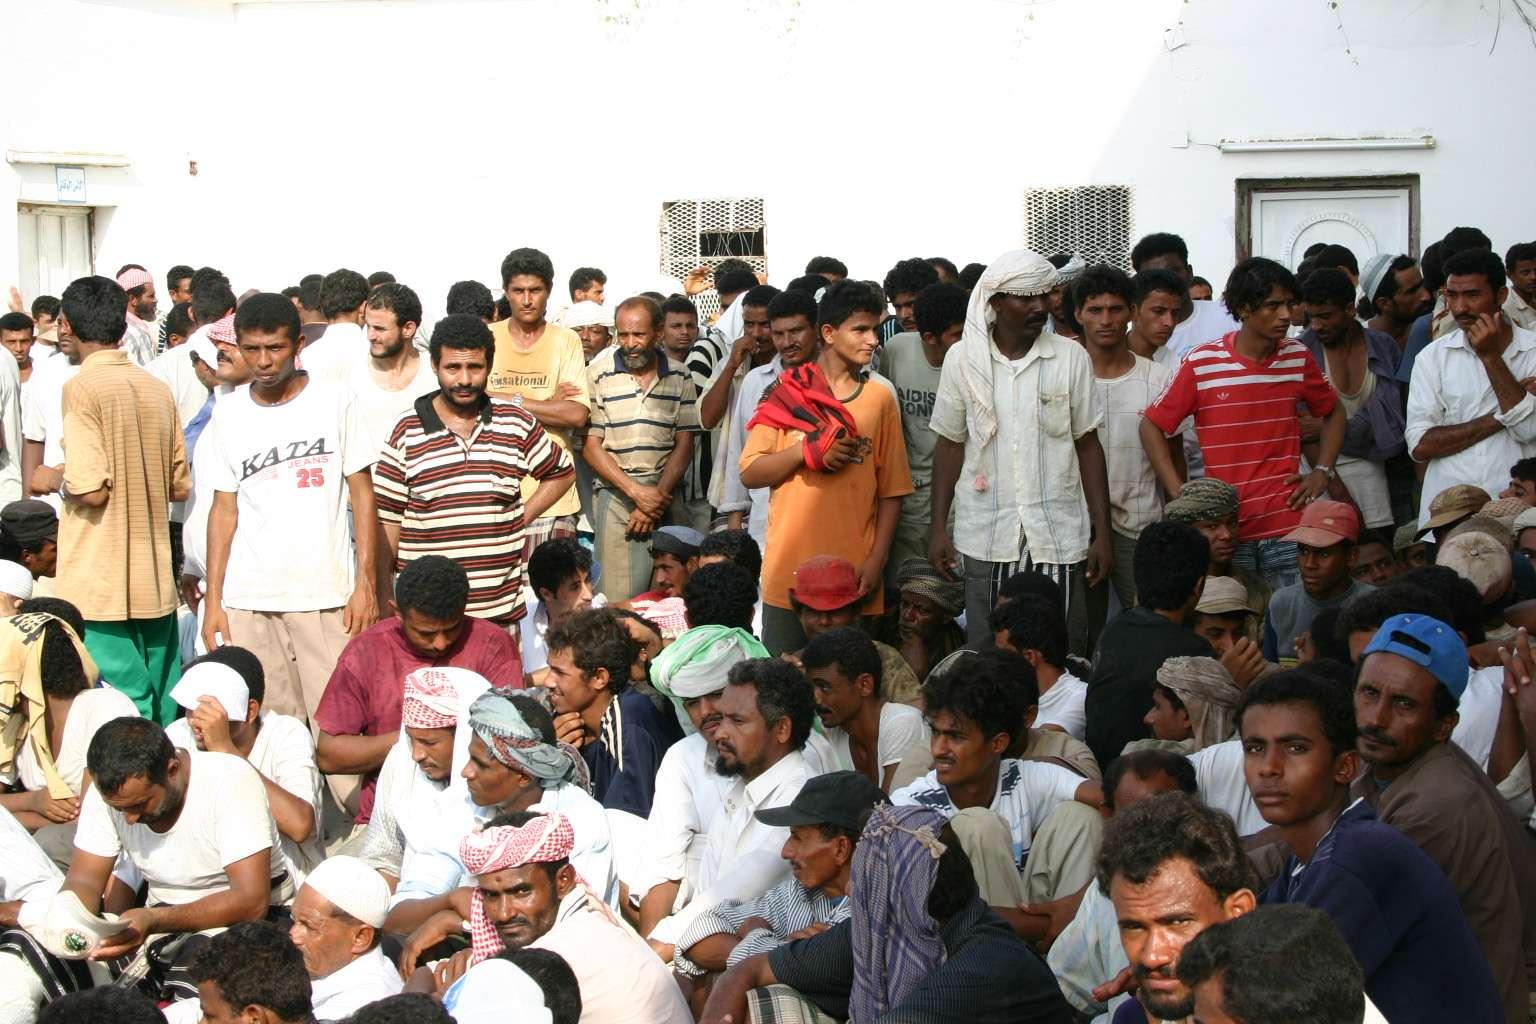 السعودية: طرد وترحيل السلطات لآلاف اليمنيين ينتهك حقوق الإنسان